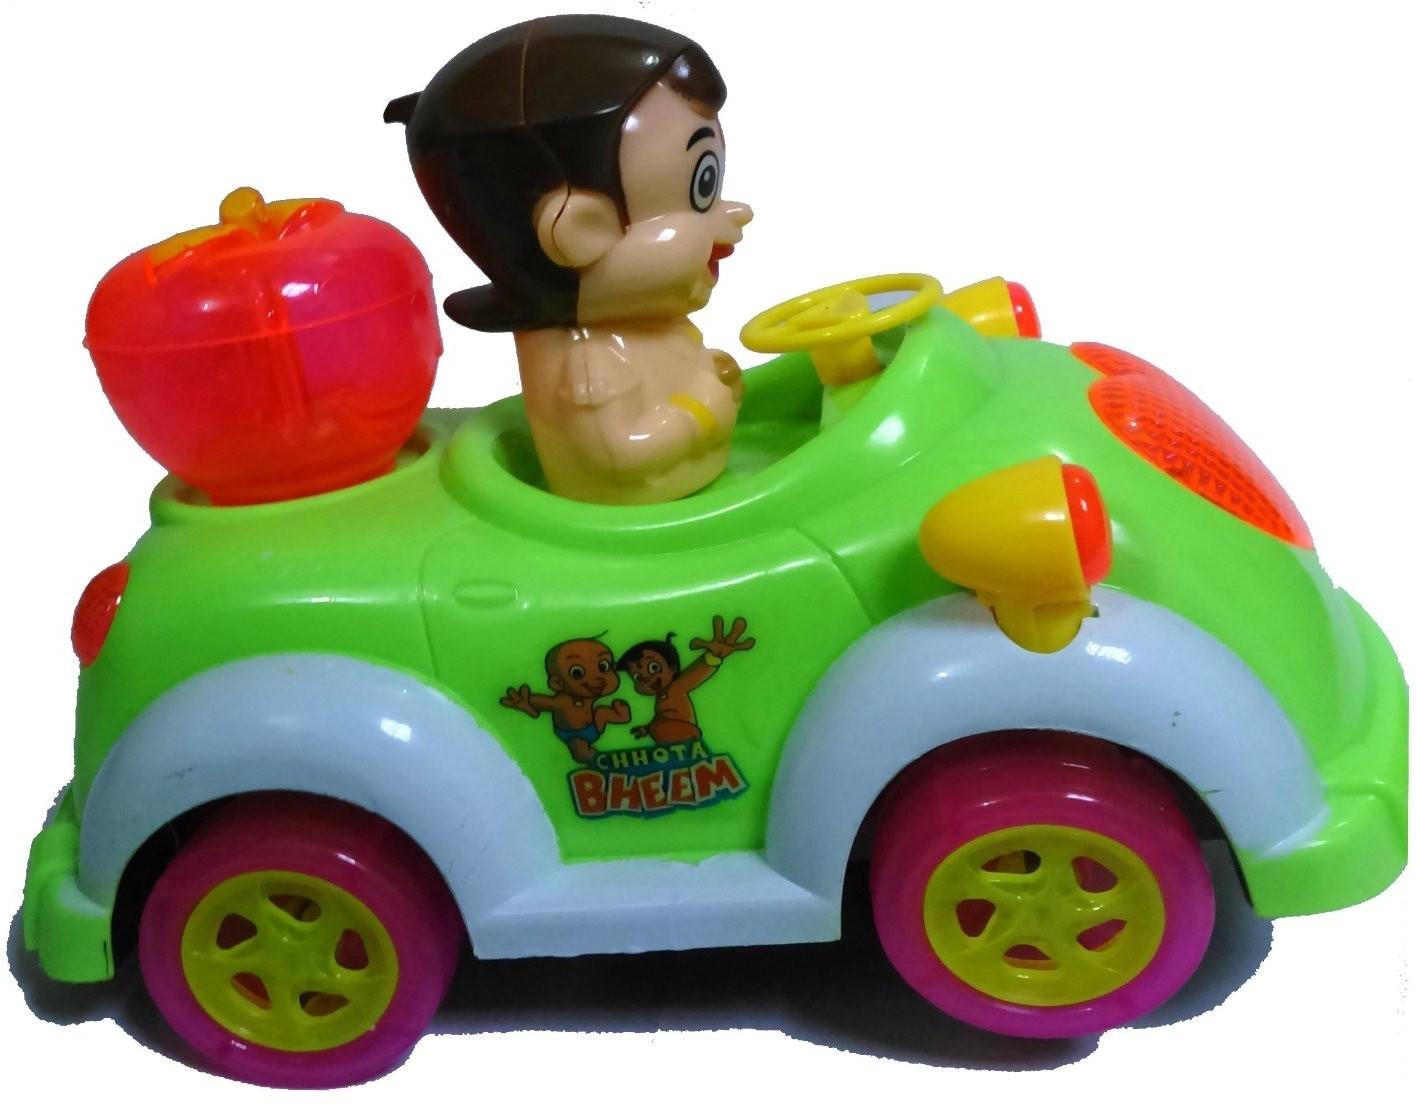 Chota Bheem Games Car